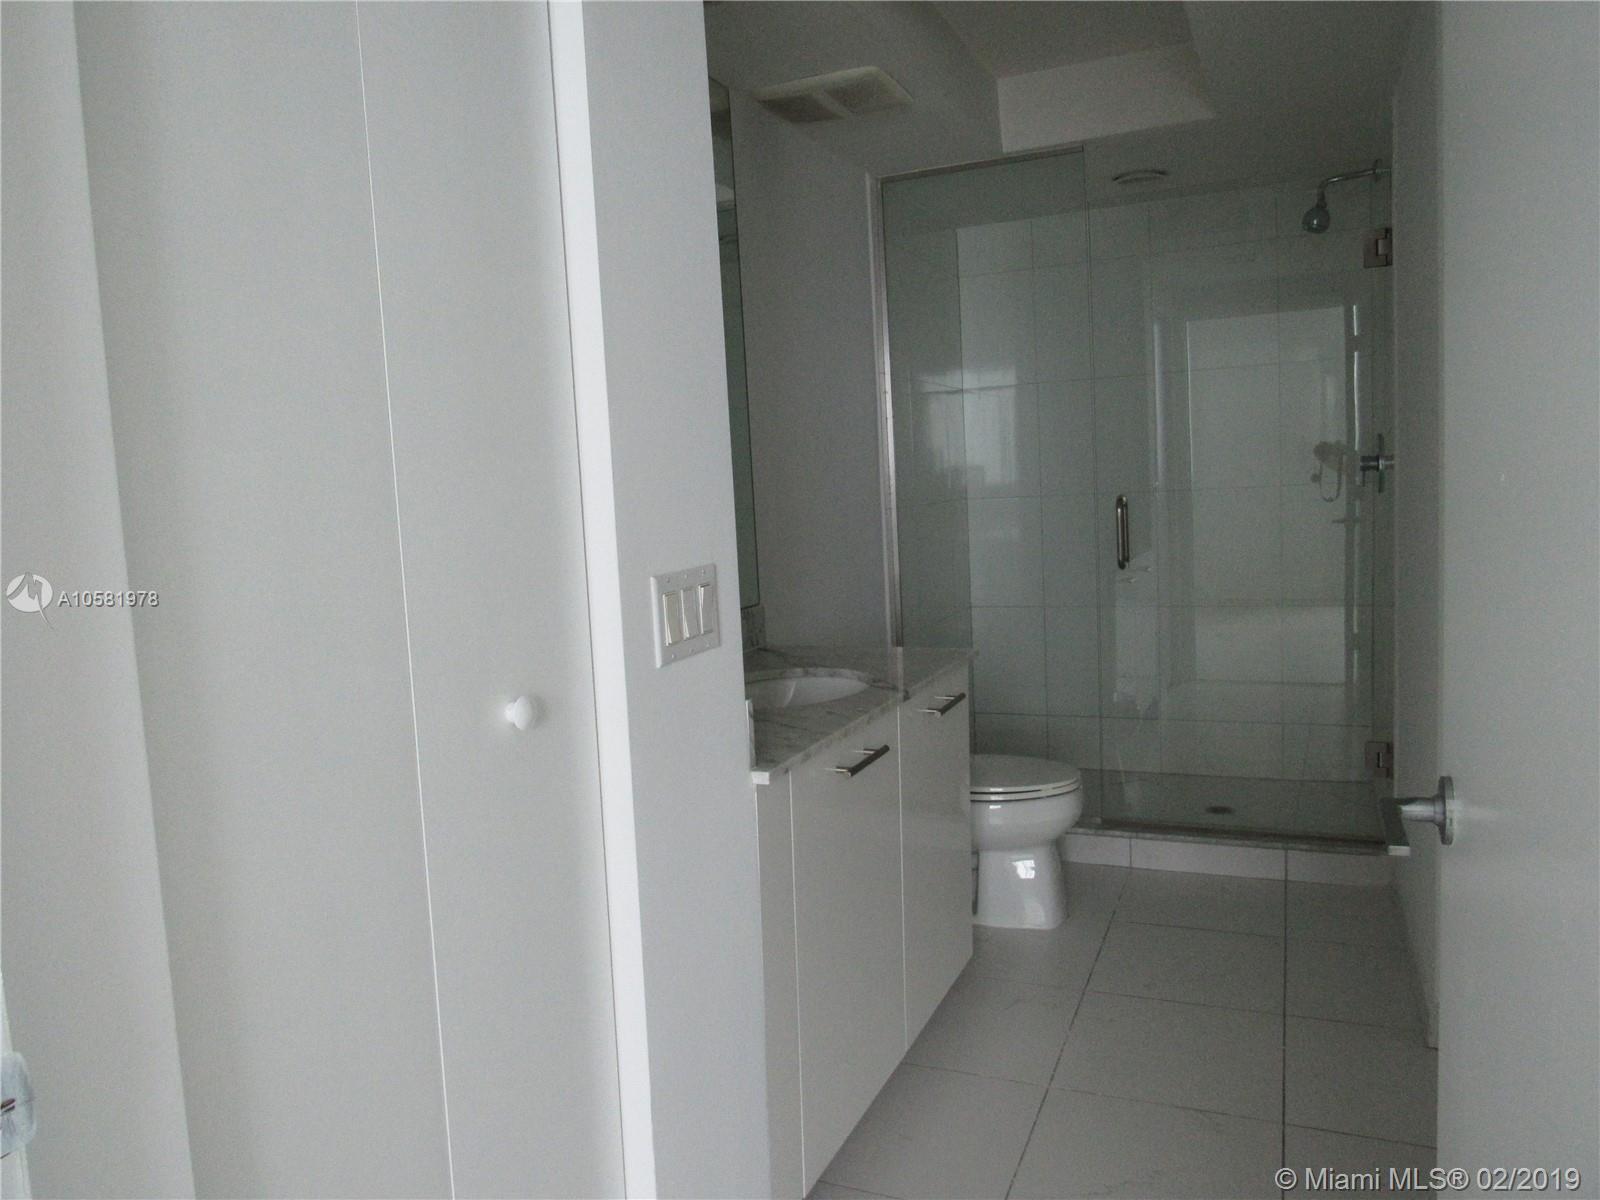 500 Brickell image #43